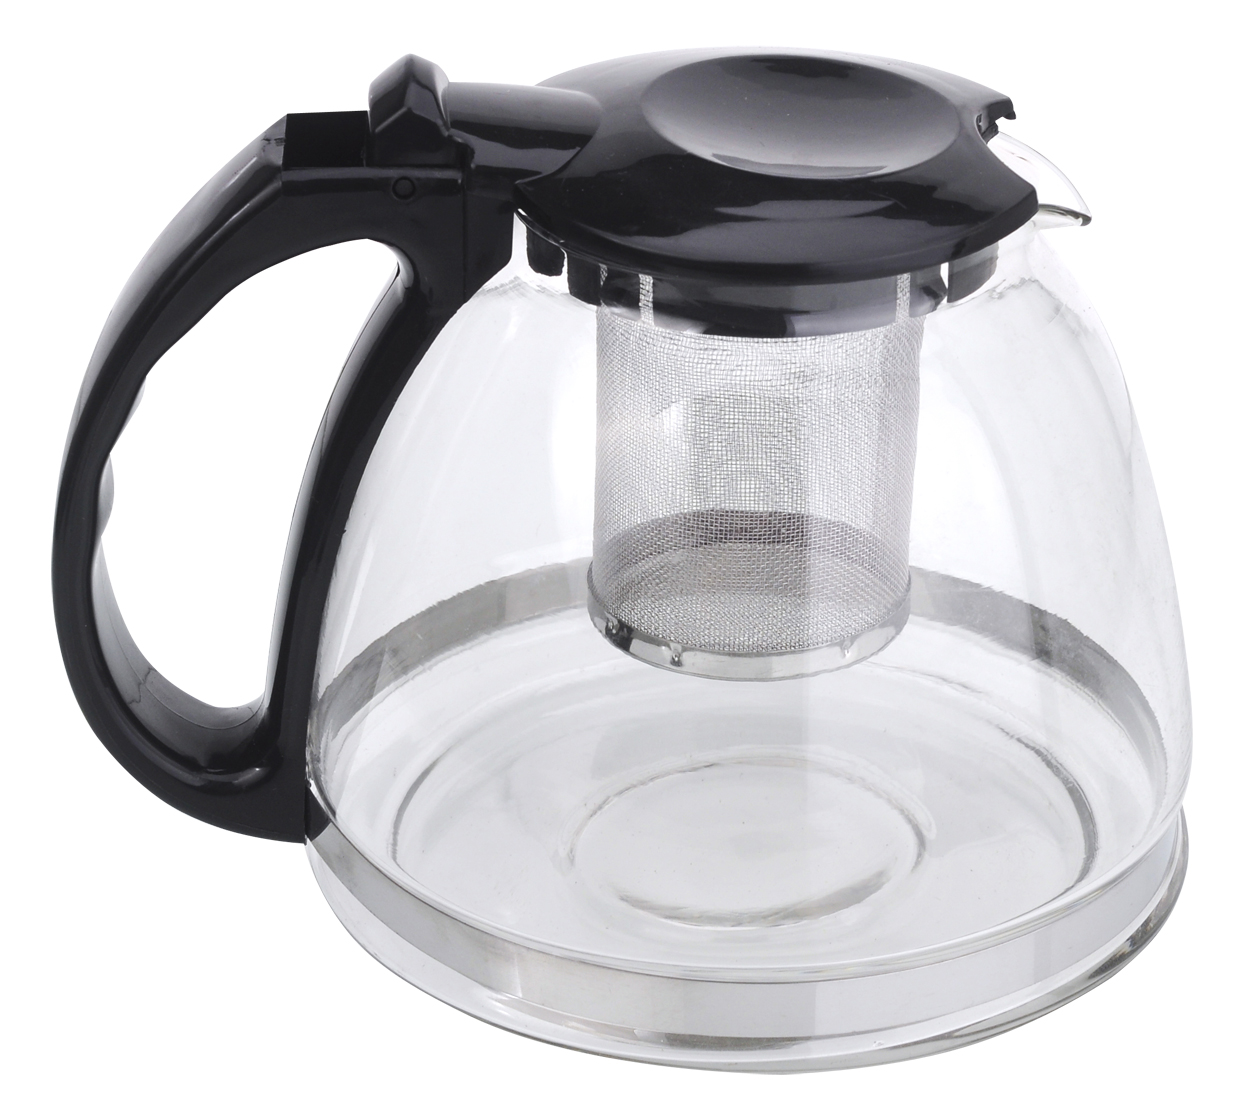 Чайник заварочный МФК-профит, с фильтром, цвет: черный, 1,3 л8130Заварочный чайник МФК-профит предоставит вам все необходимые возможности для успешного заваривания чая. Он изготовлен из термостойкого стекла и оснащен крышкой и ручкой из пластика, также имеется вставка из нержавеющей стали. Чай в таком чайнике дольше остается горячим, а полезные и ароматические вещества полностью сохраняются в напитке. Чайник оснащен фильтром, который выполнен из нержавеющей стали. Простой и удобный чайник поможет вам приготовить крепкий, ароматный чай. Нельзя мыть в посудомоечной машине. Не использовать в микроволновой печи.